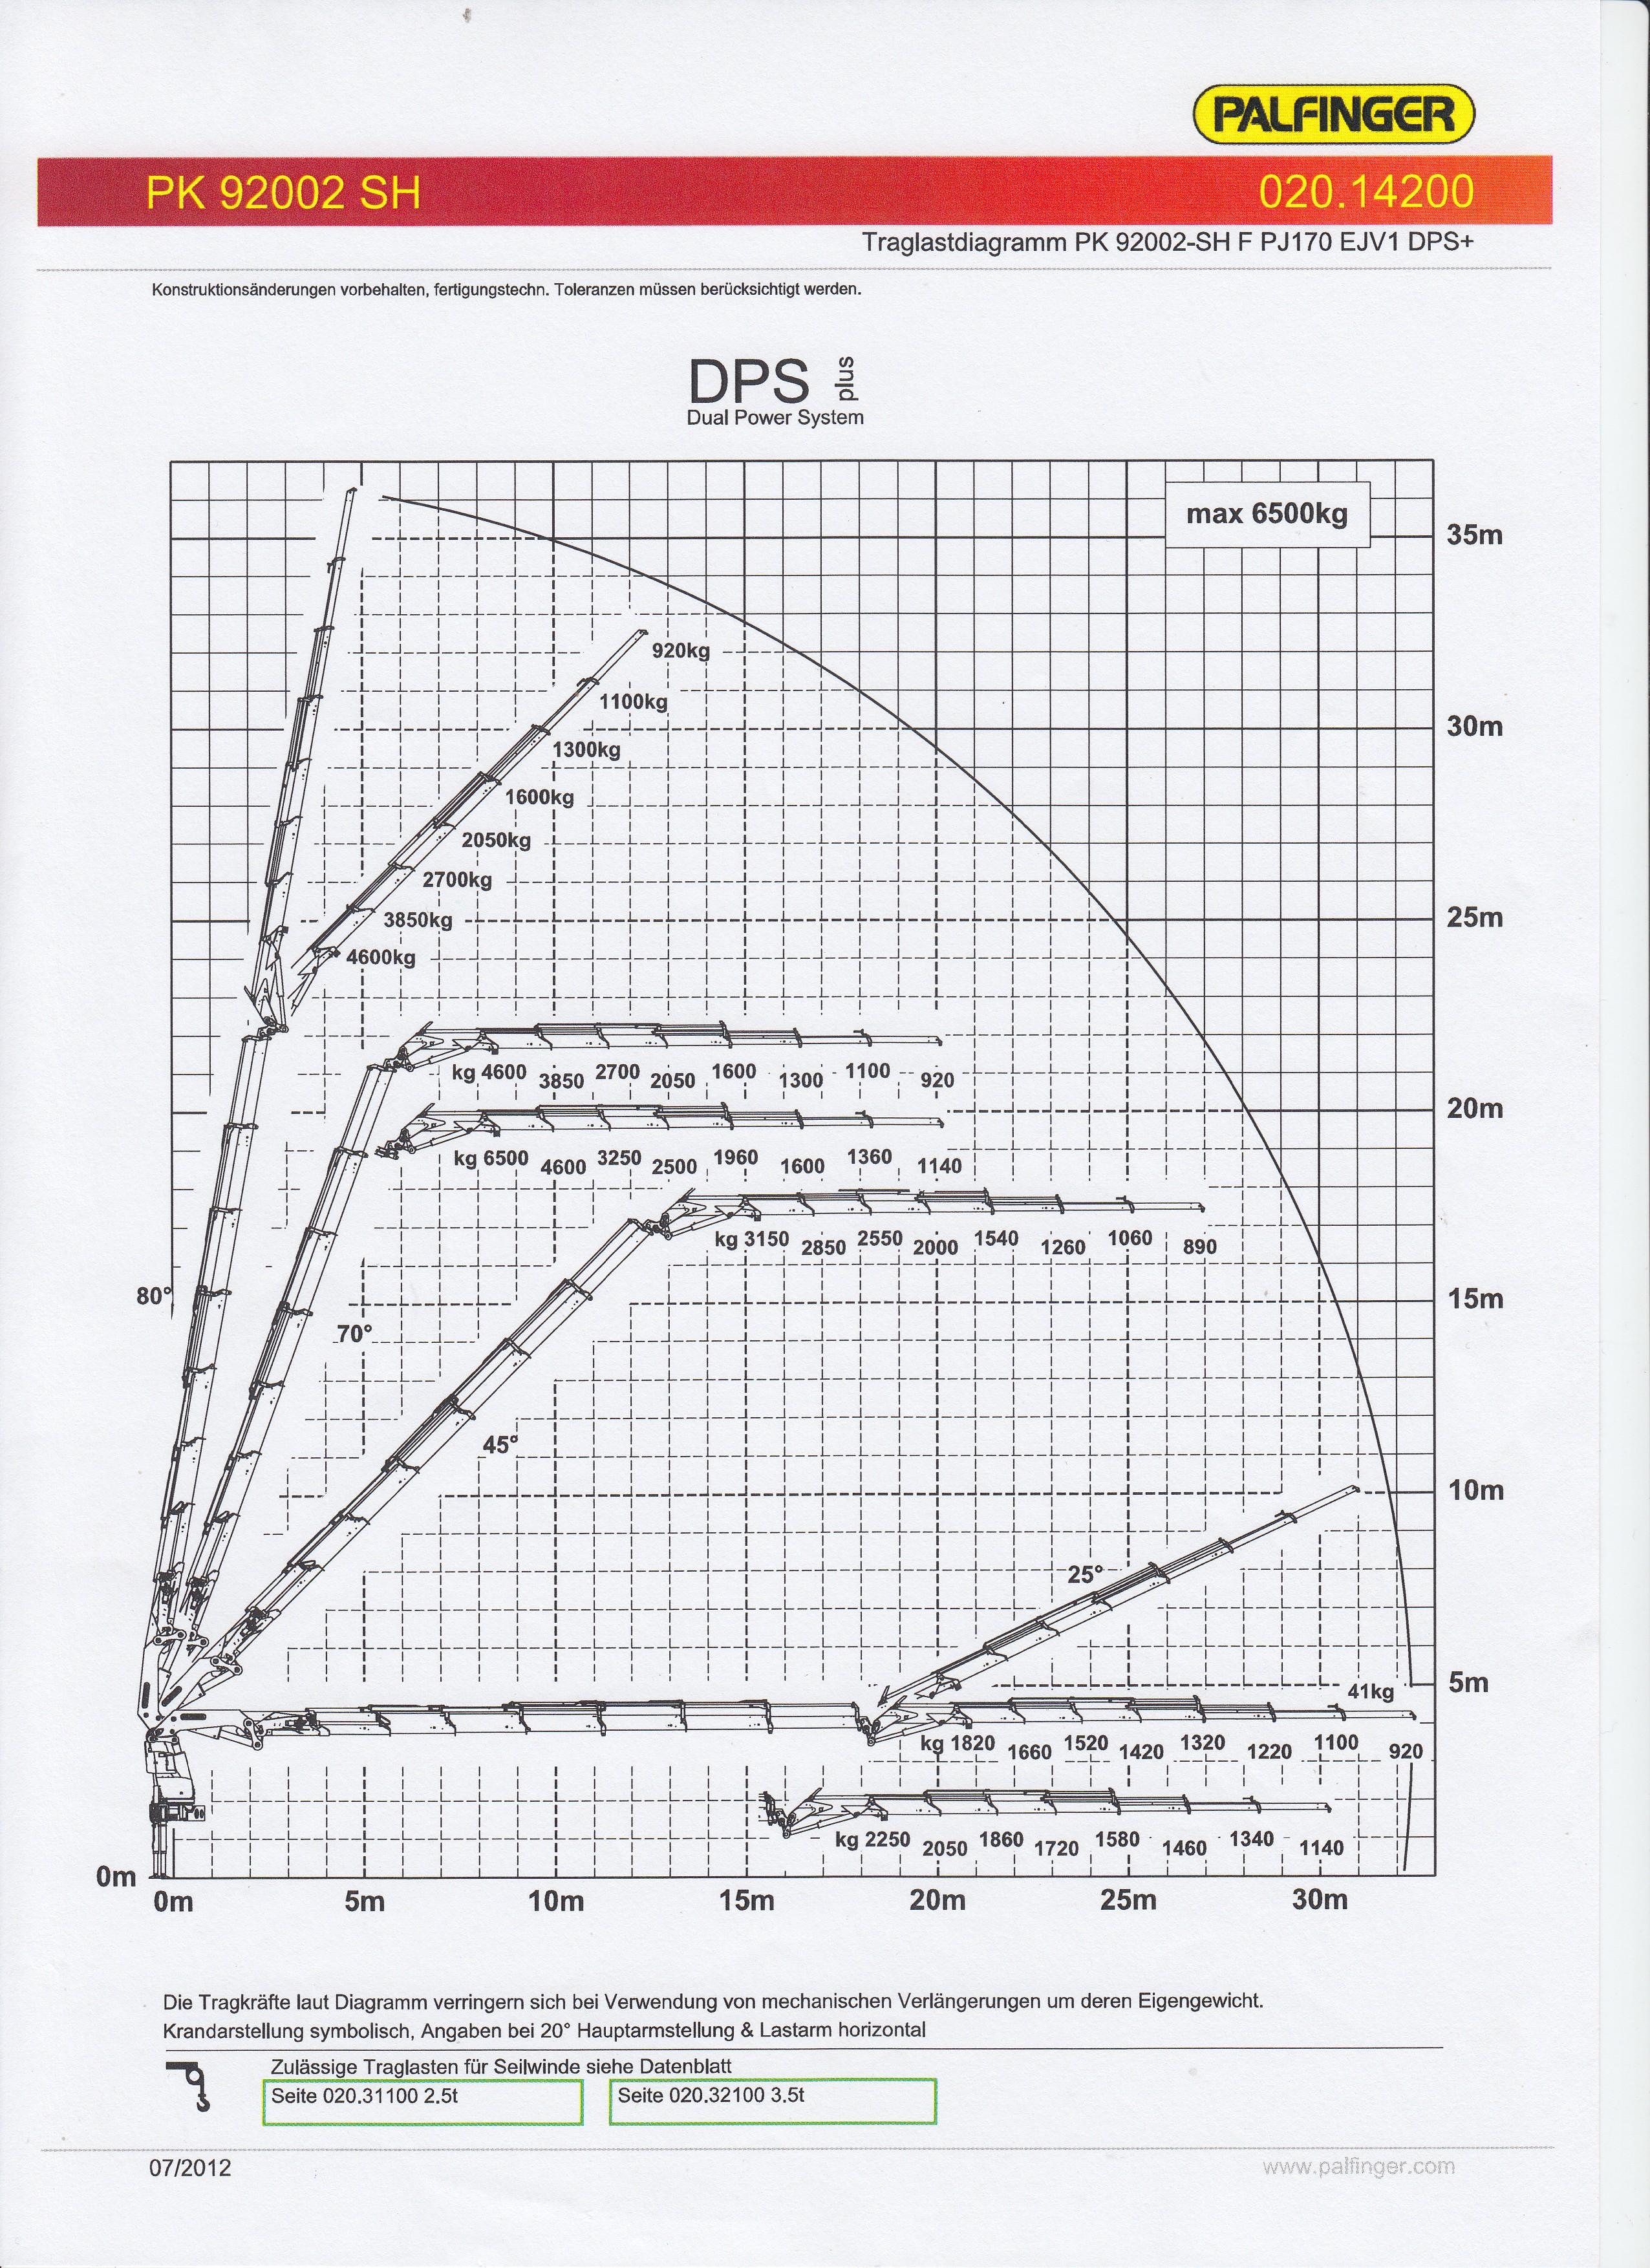 Ausgezeichnet Ford Wischer Motor Schaltplan Fotos - Die Besten ...